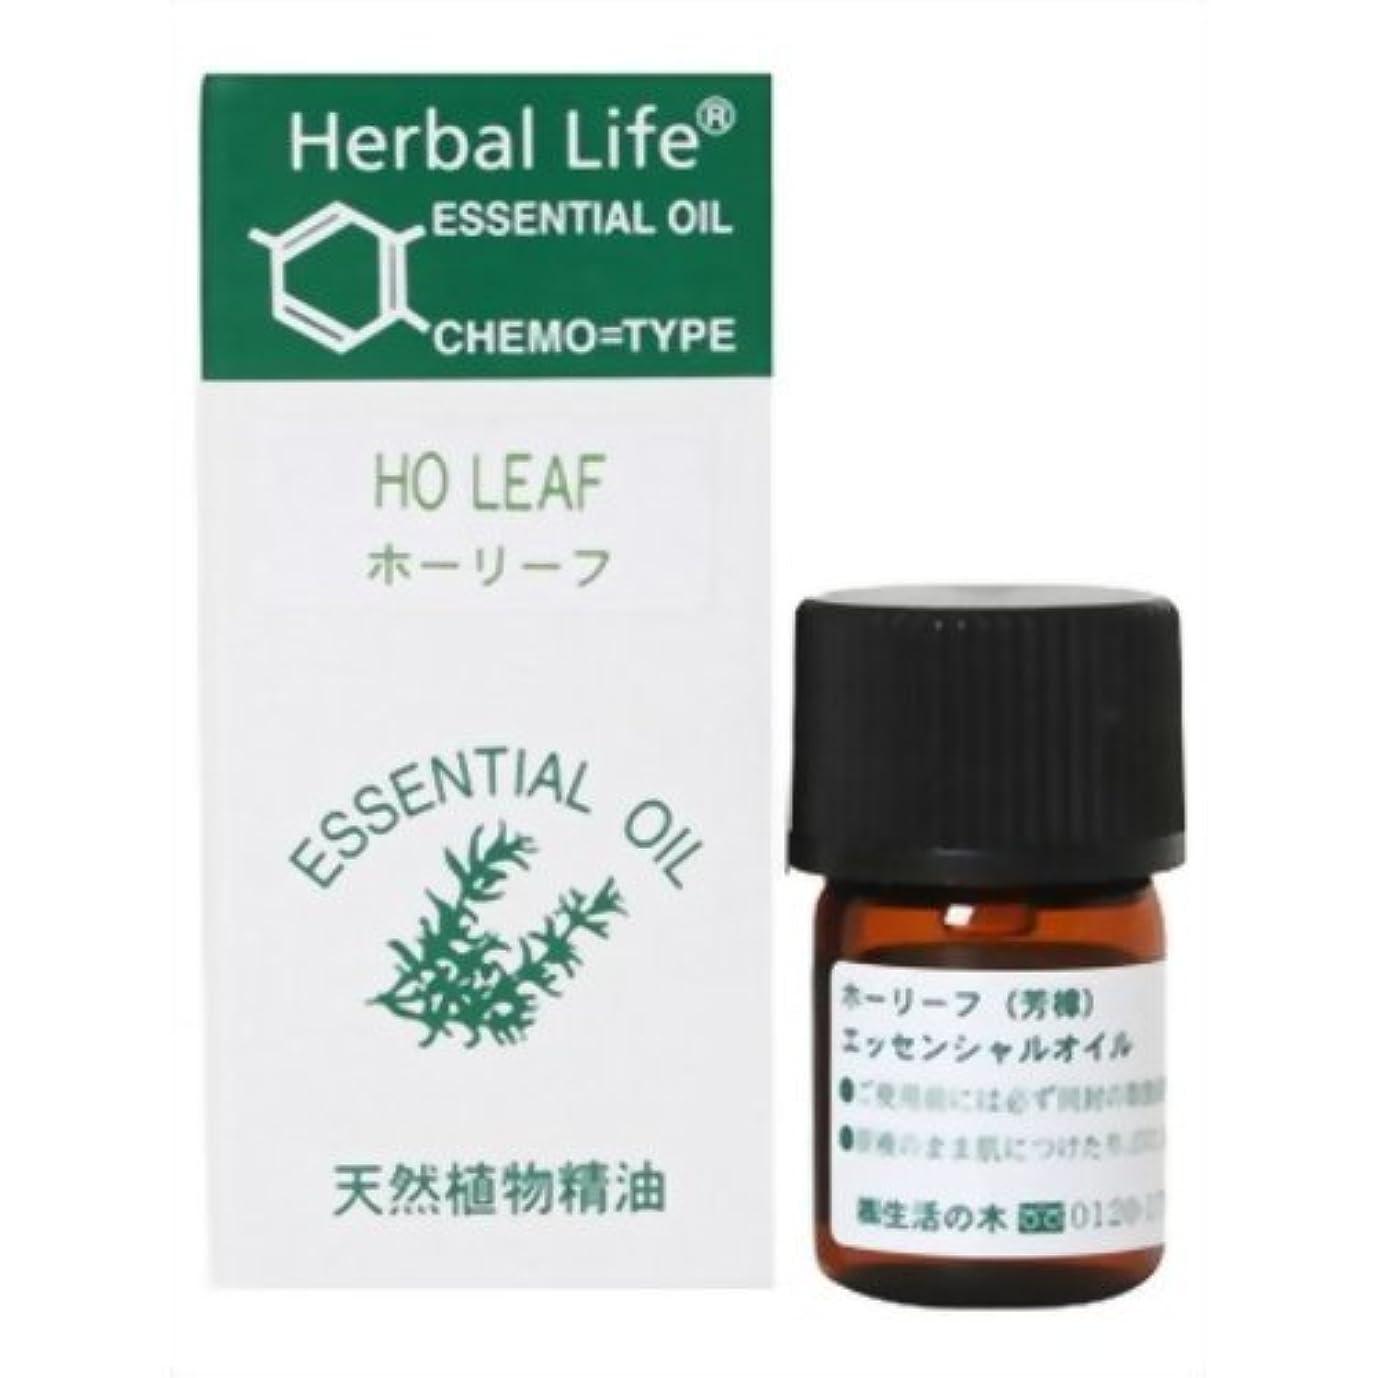 支払うステッチハドル生活の木 Herbal Life ホーリーフ 3ml